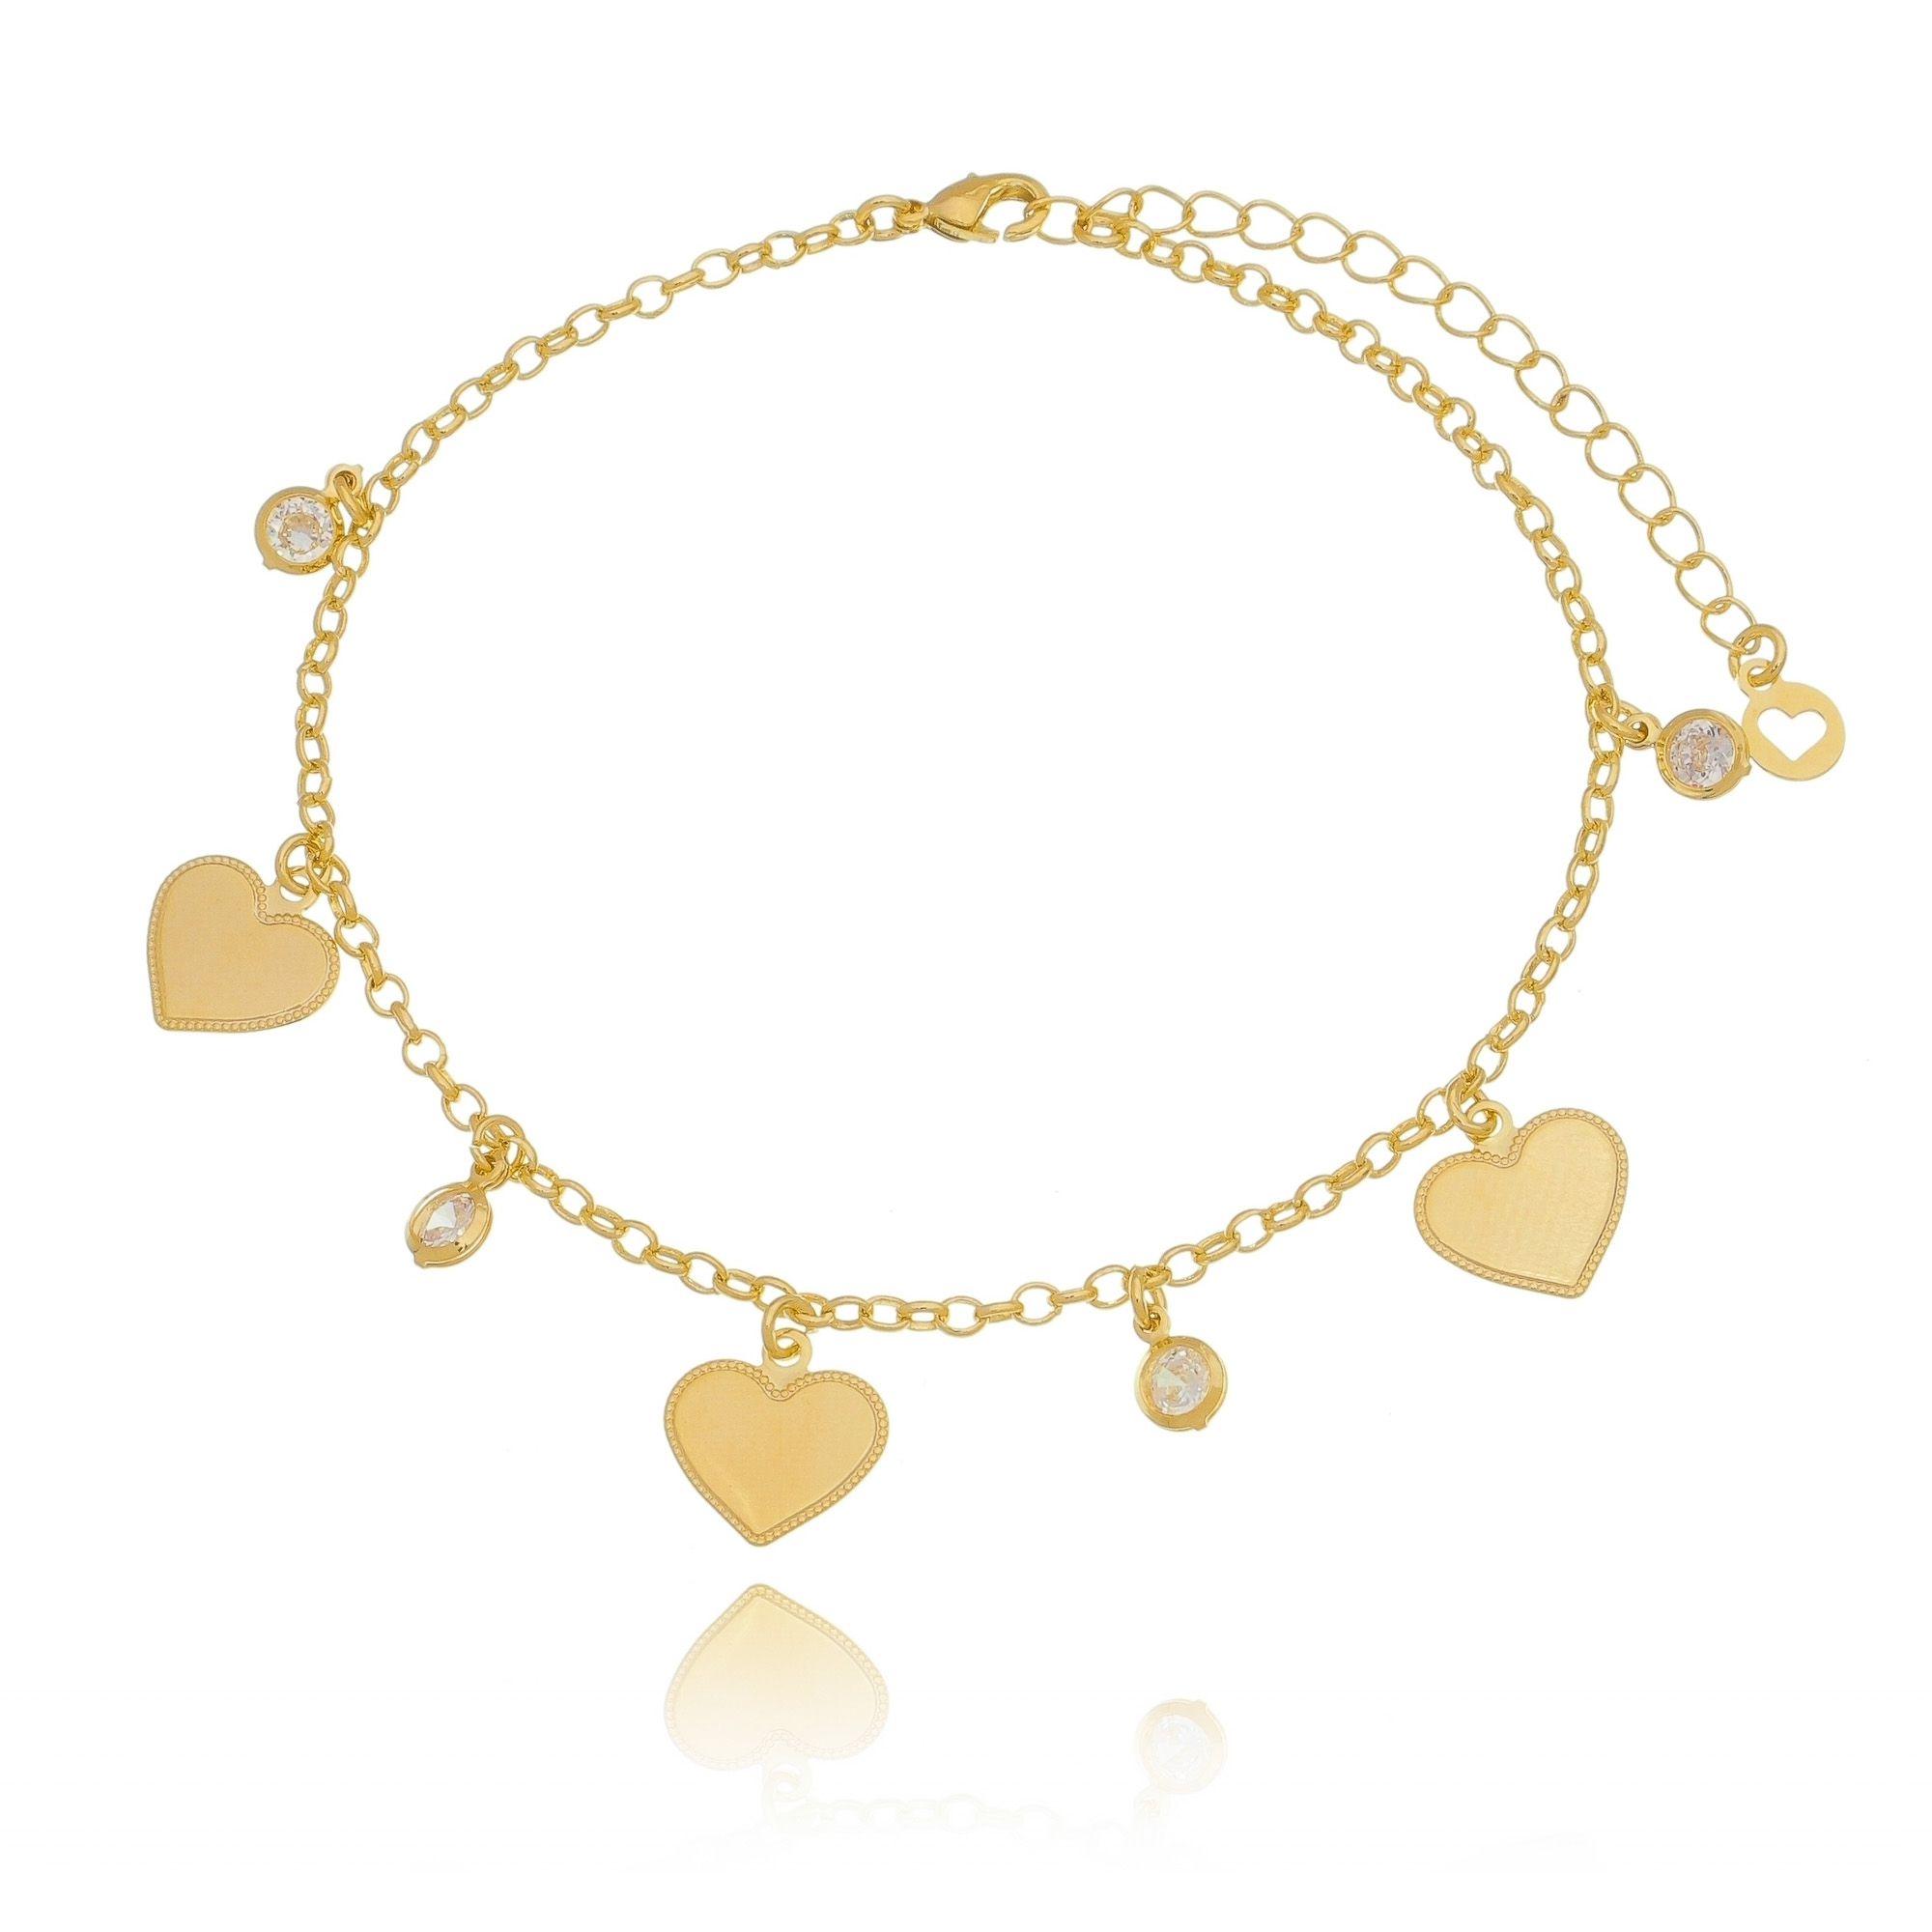 Tornozeleira de Coração com Zircônia Branca em Ouro 18K  - Soloyou